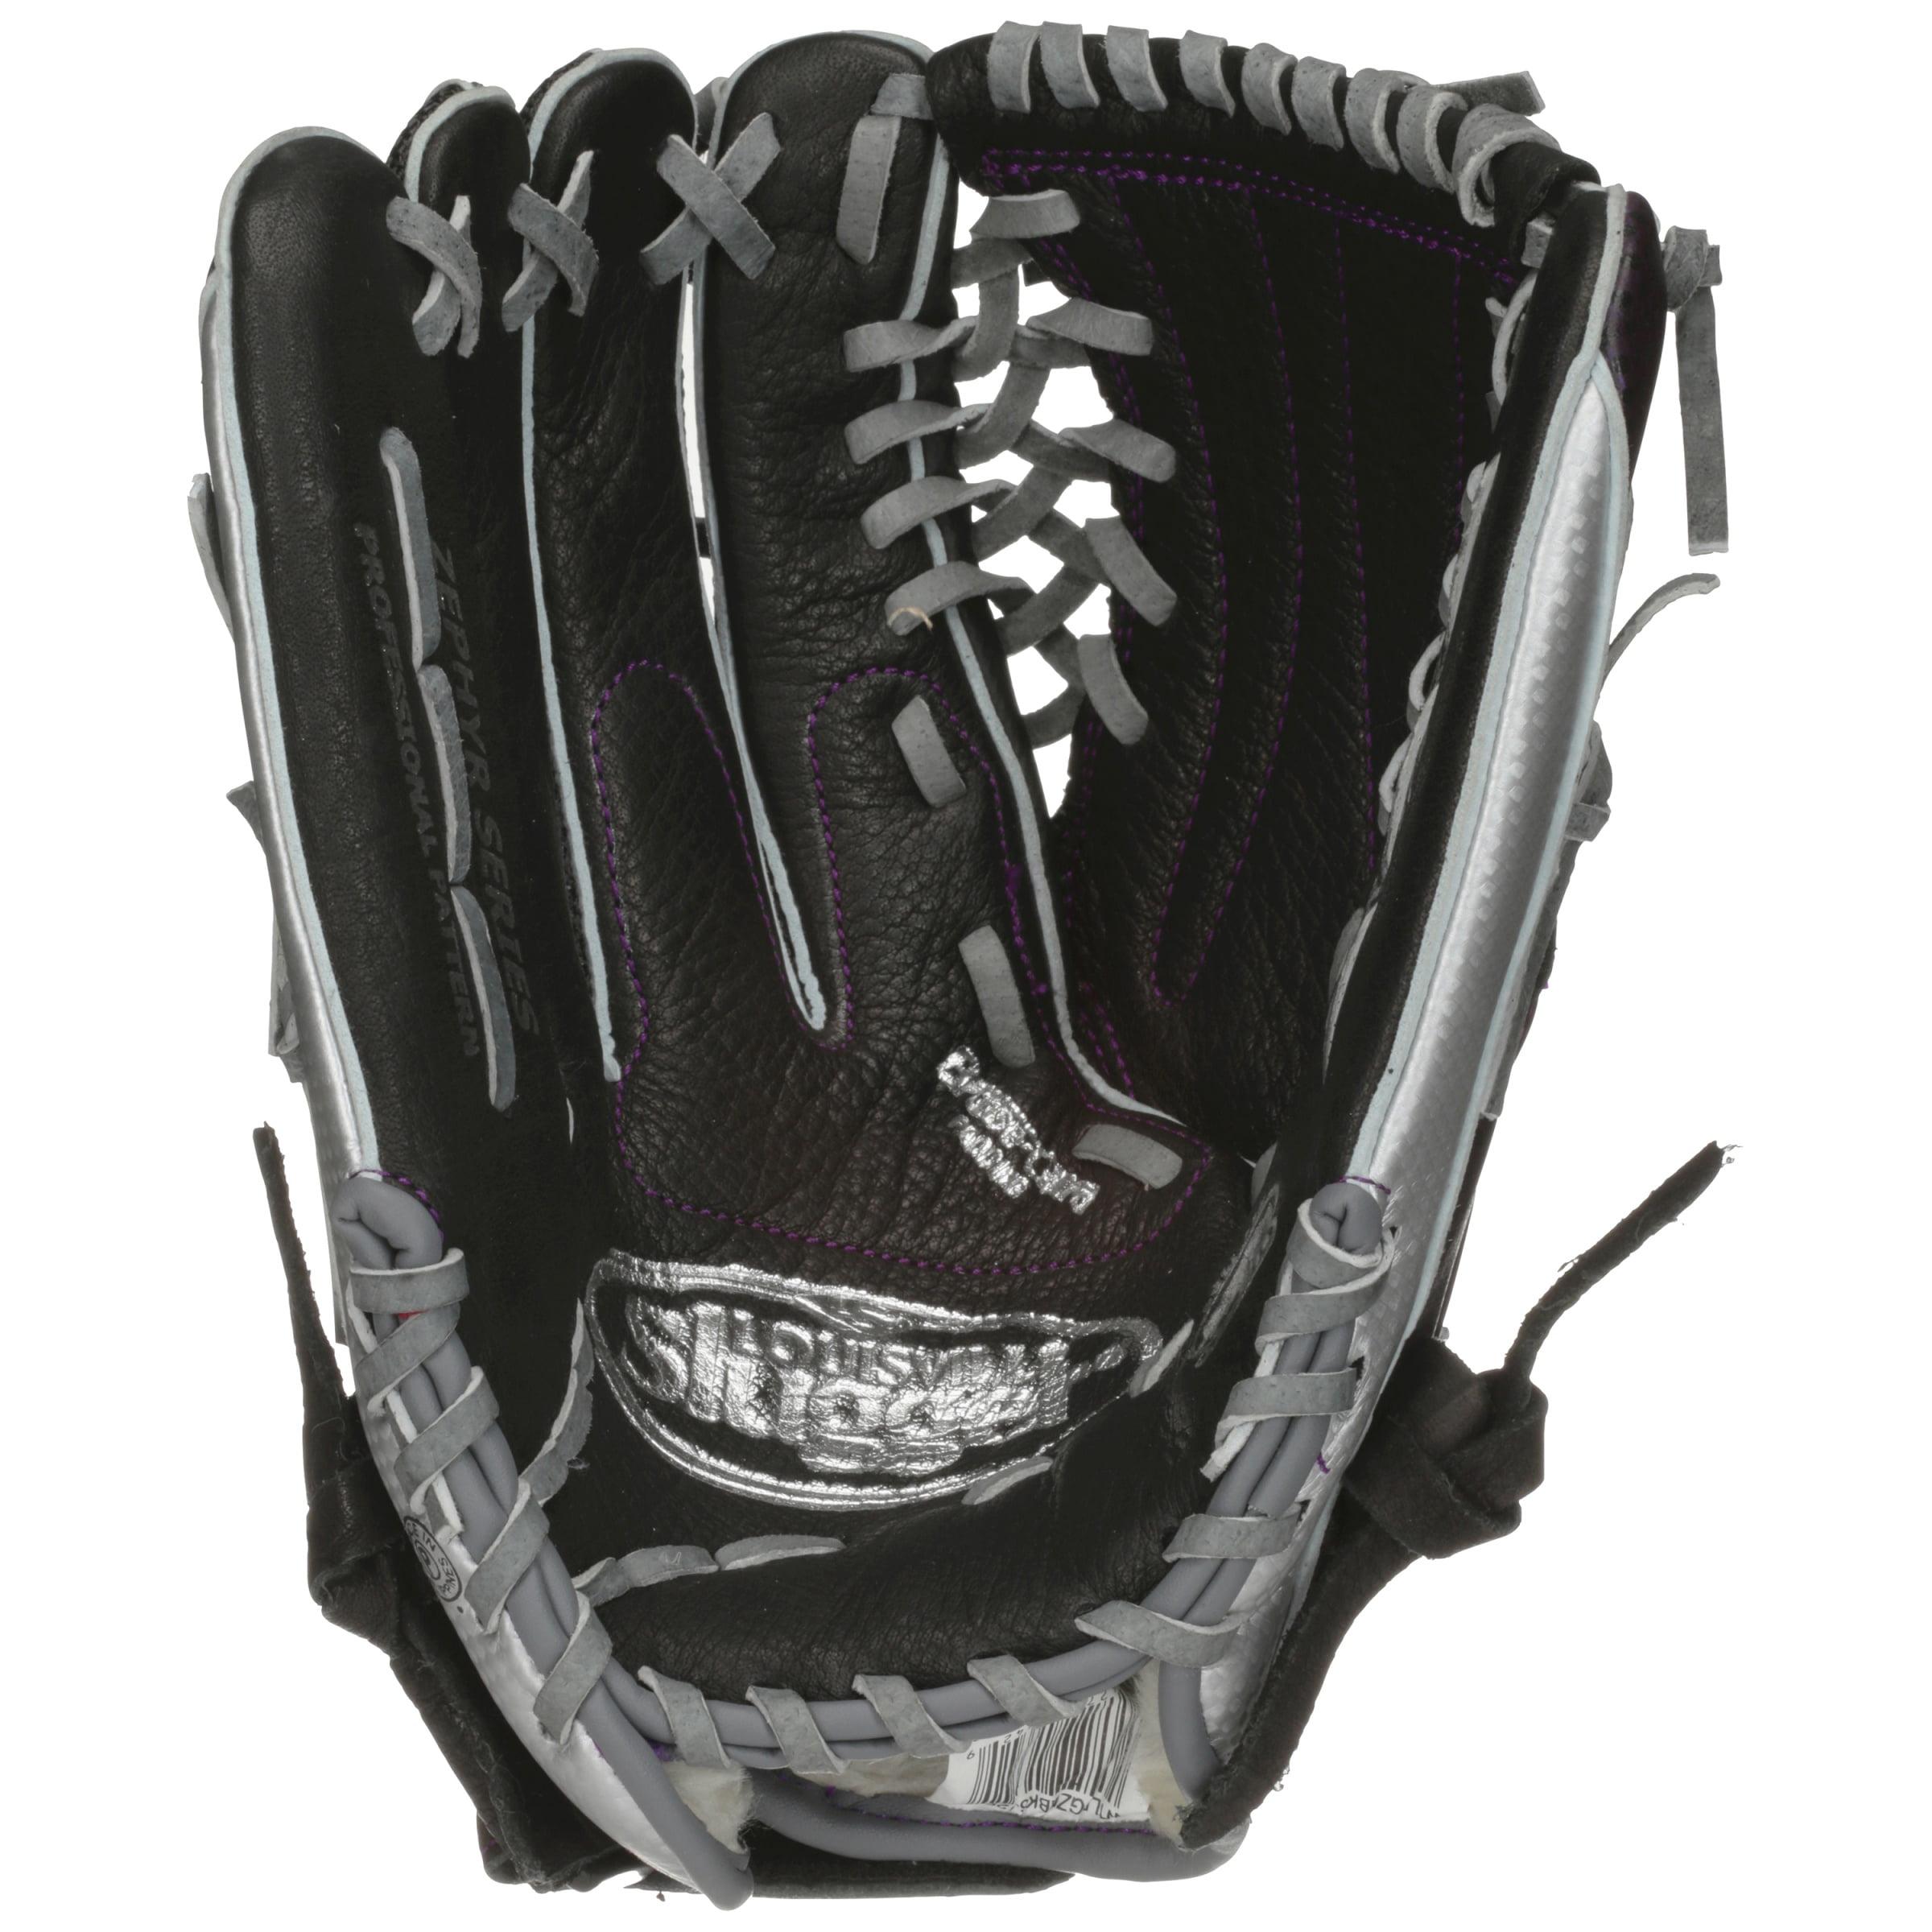 Louisville Slugger Zephyr Left Handed Women's Baseball Mitt by Wilson Sporting Goods Co.